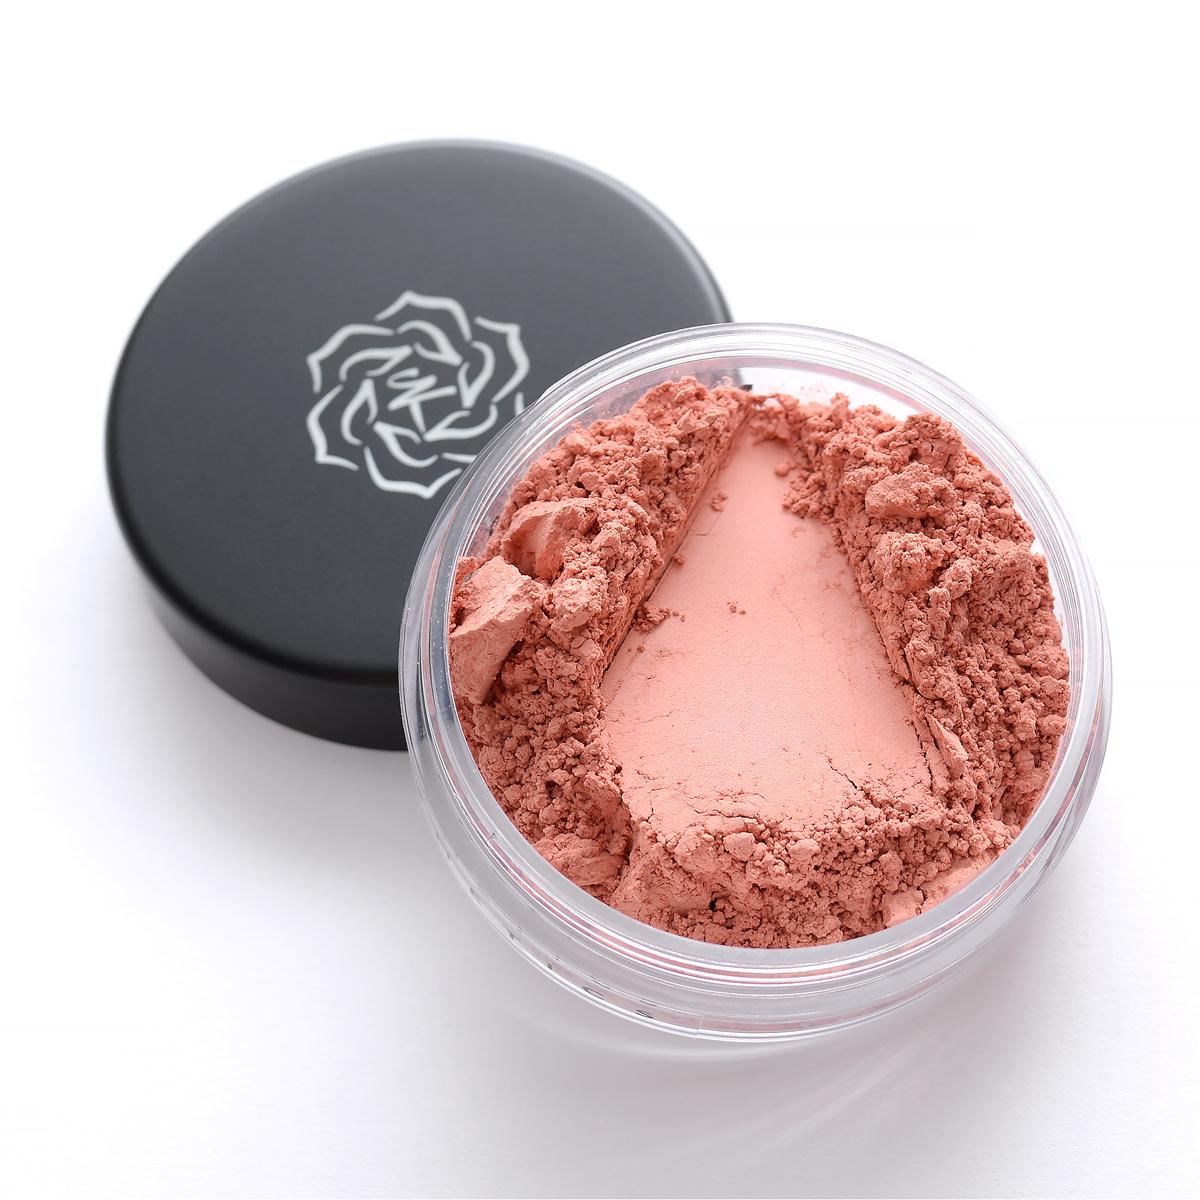 Kristall Minerals cosmetics, минеральные румяна В113 матовые